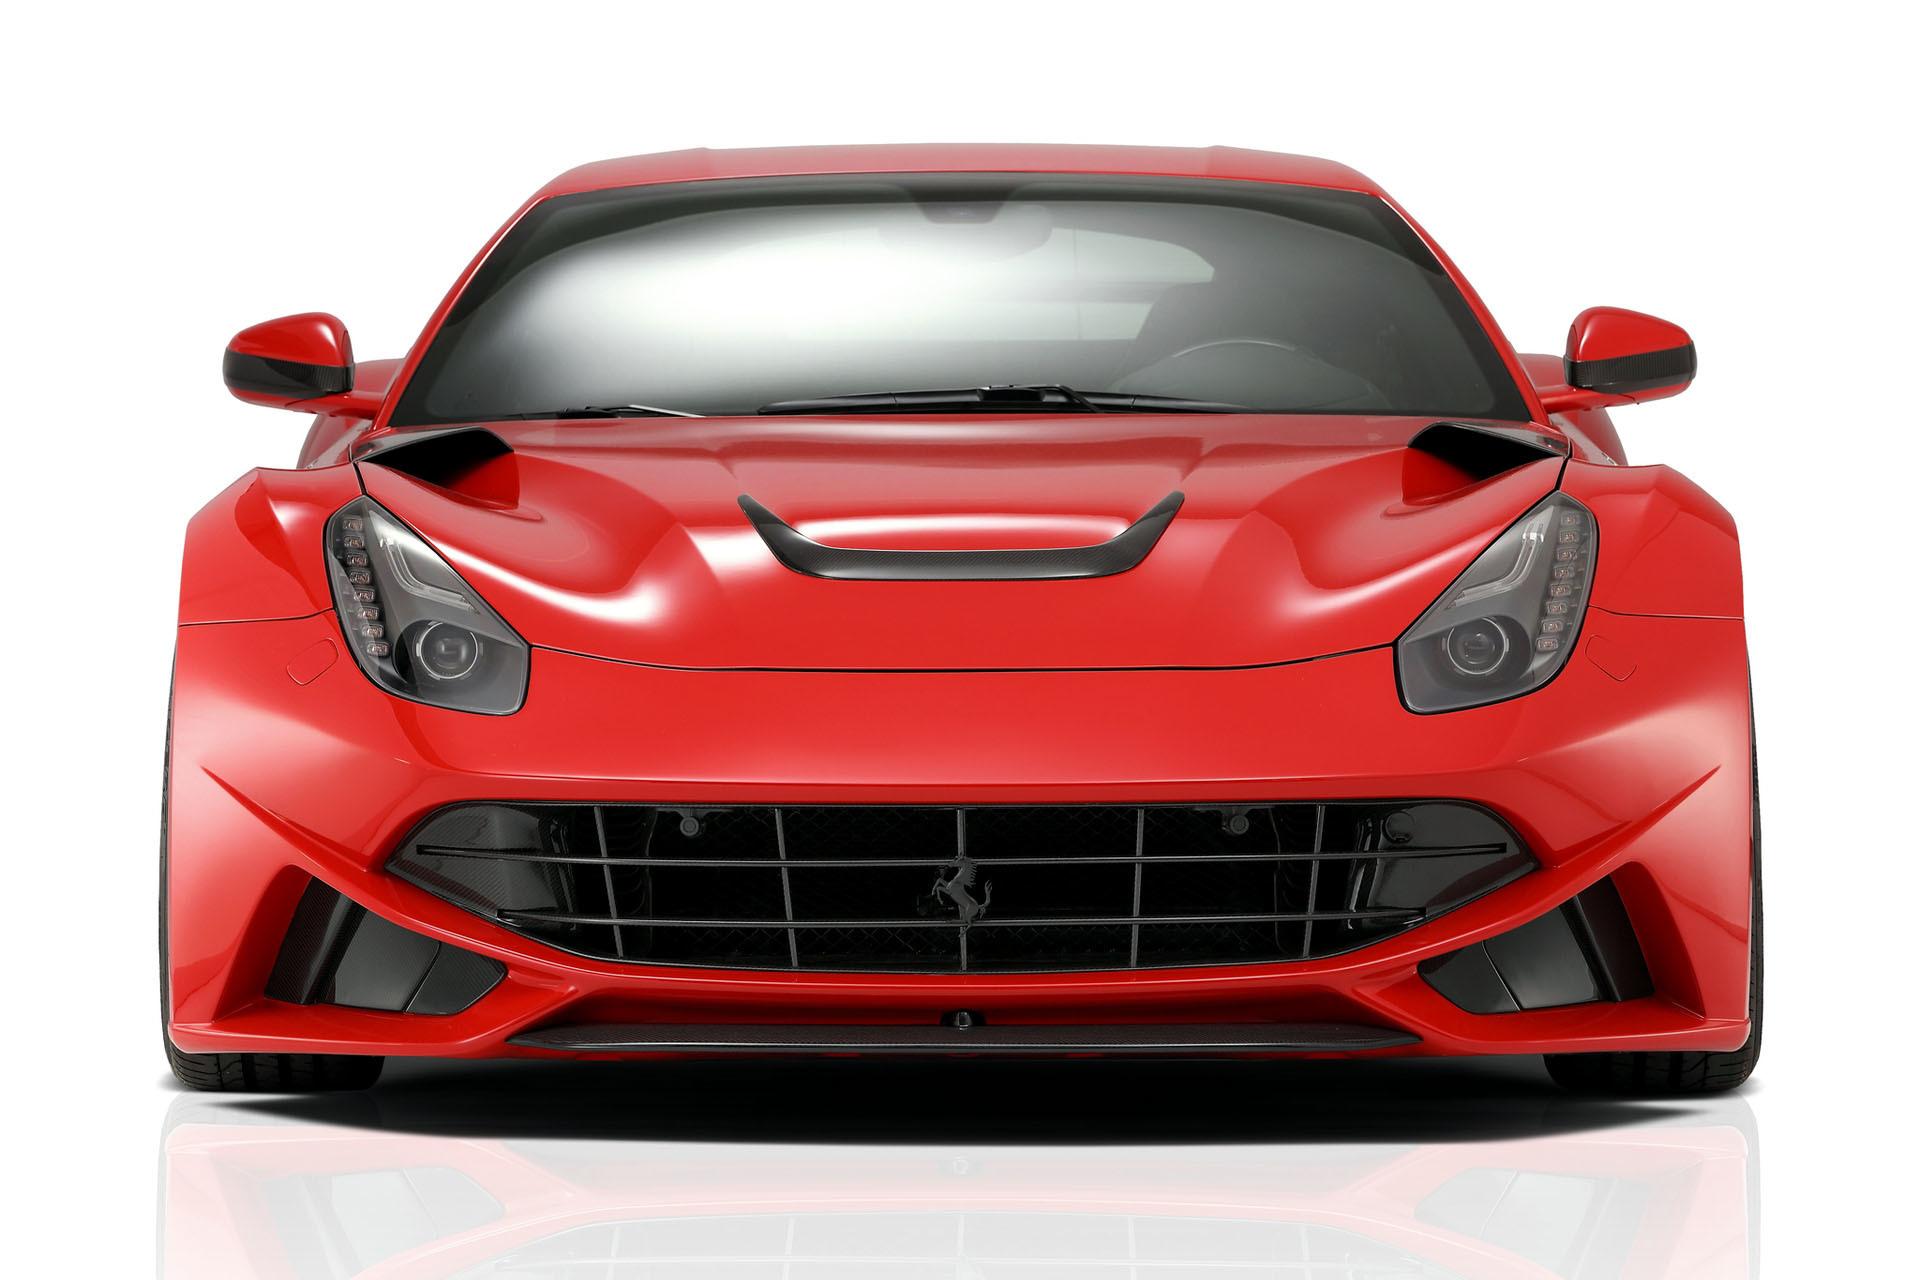 Карбоновые вставки в зеркала Novitec Style для Ferrari F12 Вerlinetta